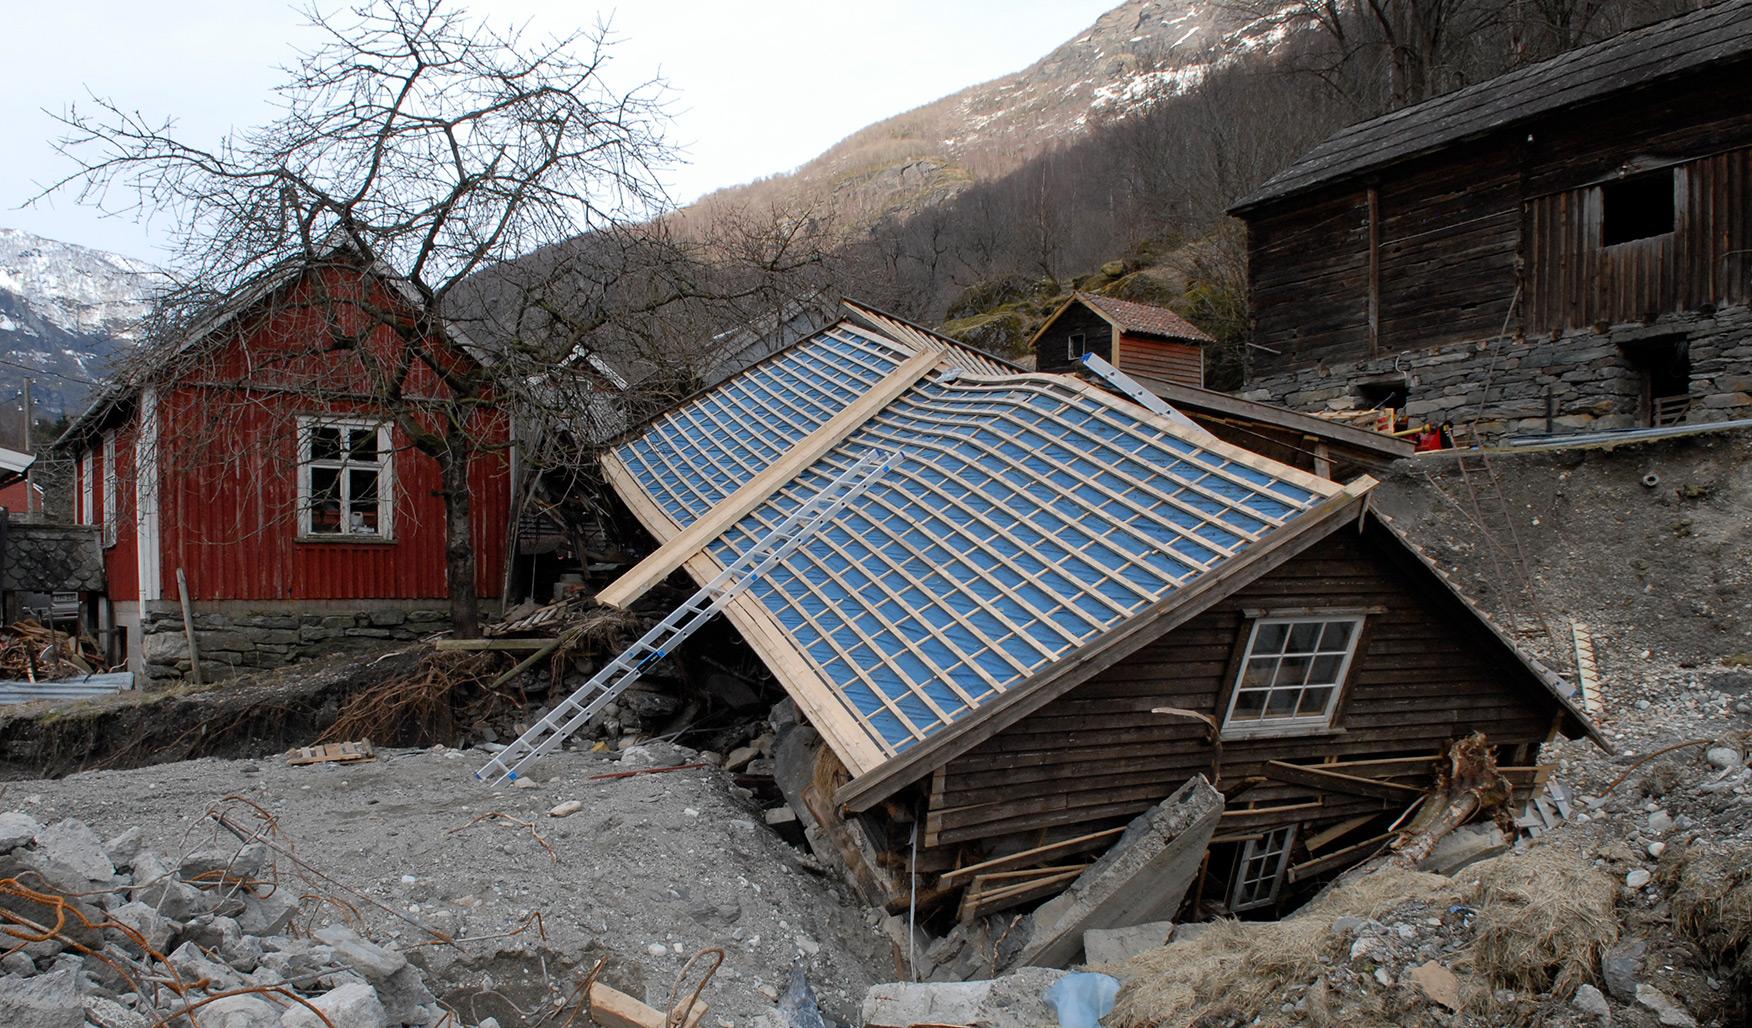 Flommen i Flåmsdalen i Aurland i 2014 gjorde skader på bygninger og landskap. Foto: Marte Boro Riksantikvaren